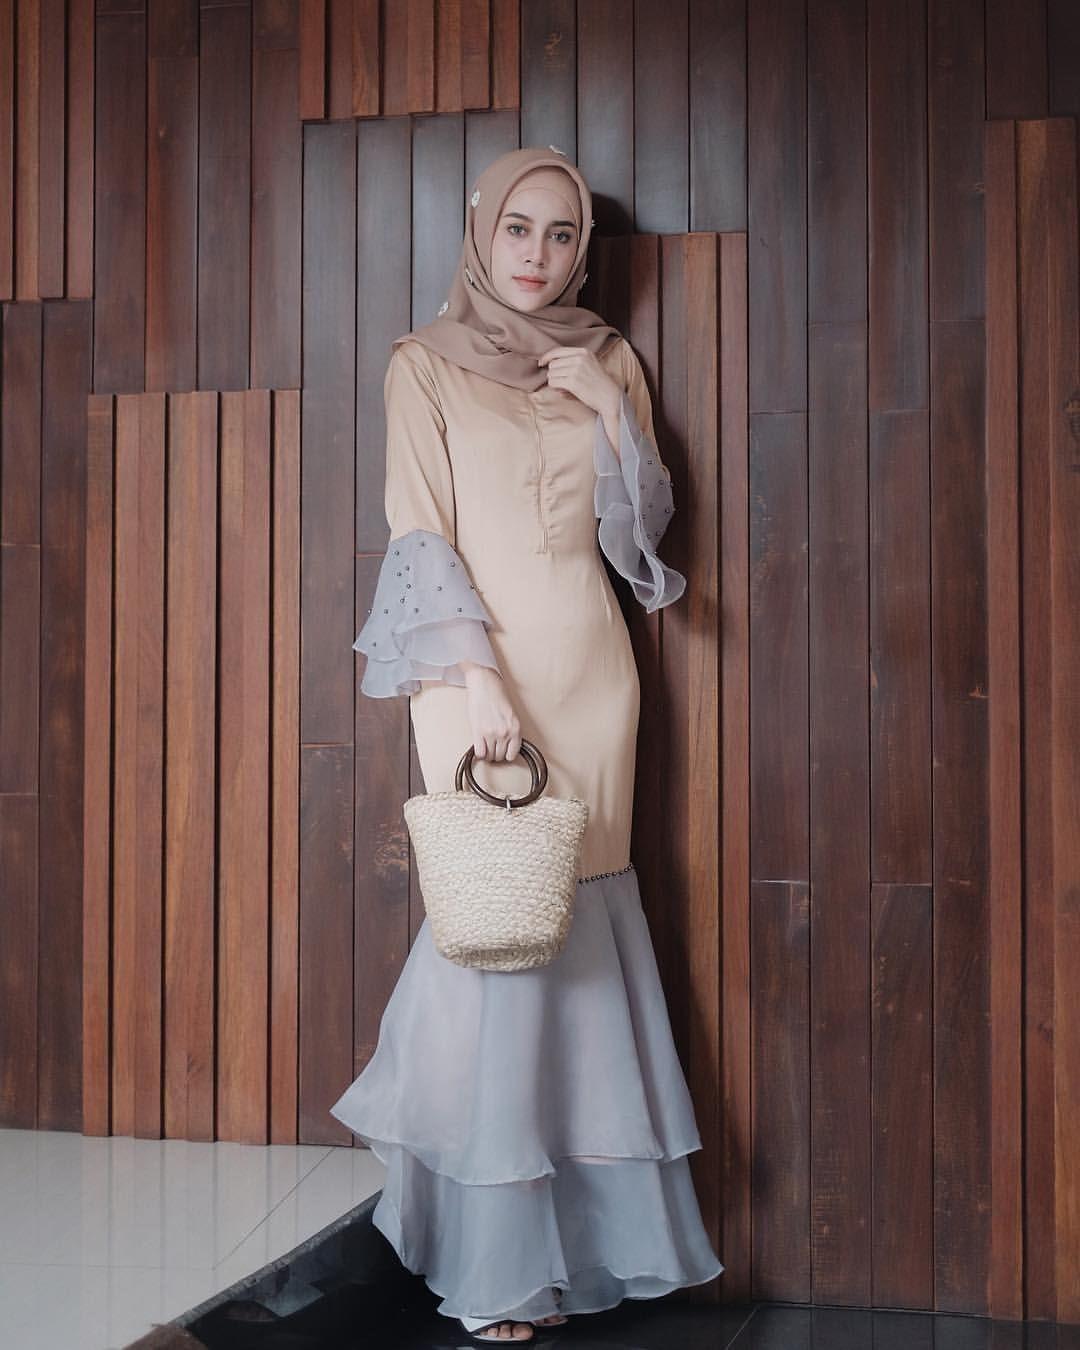 Baju Kondangan Gaperlu Pusing Tinggal Beli Di Pekgo Apparel Pakaian Wanita Wanita Model Pakaian